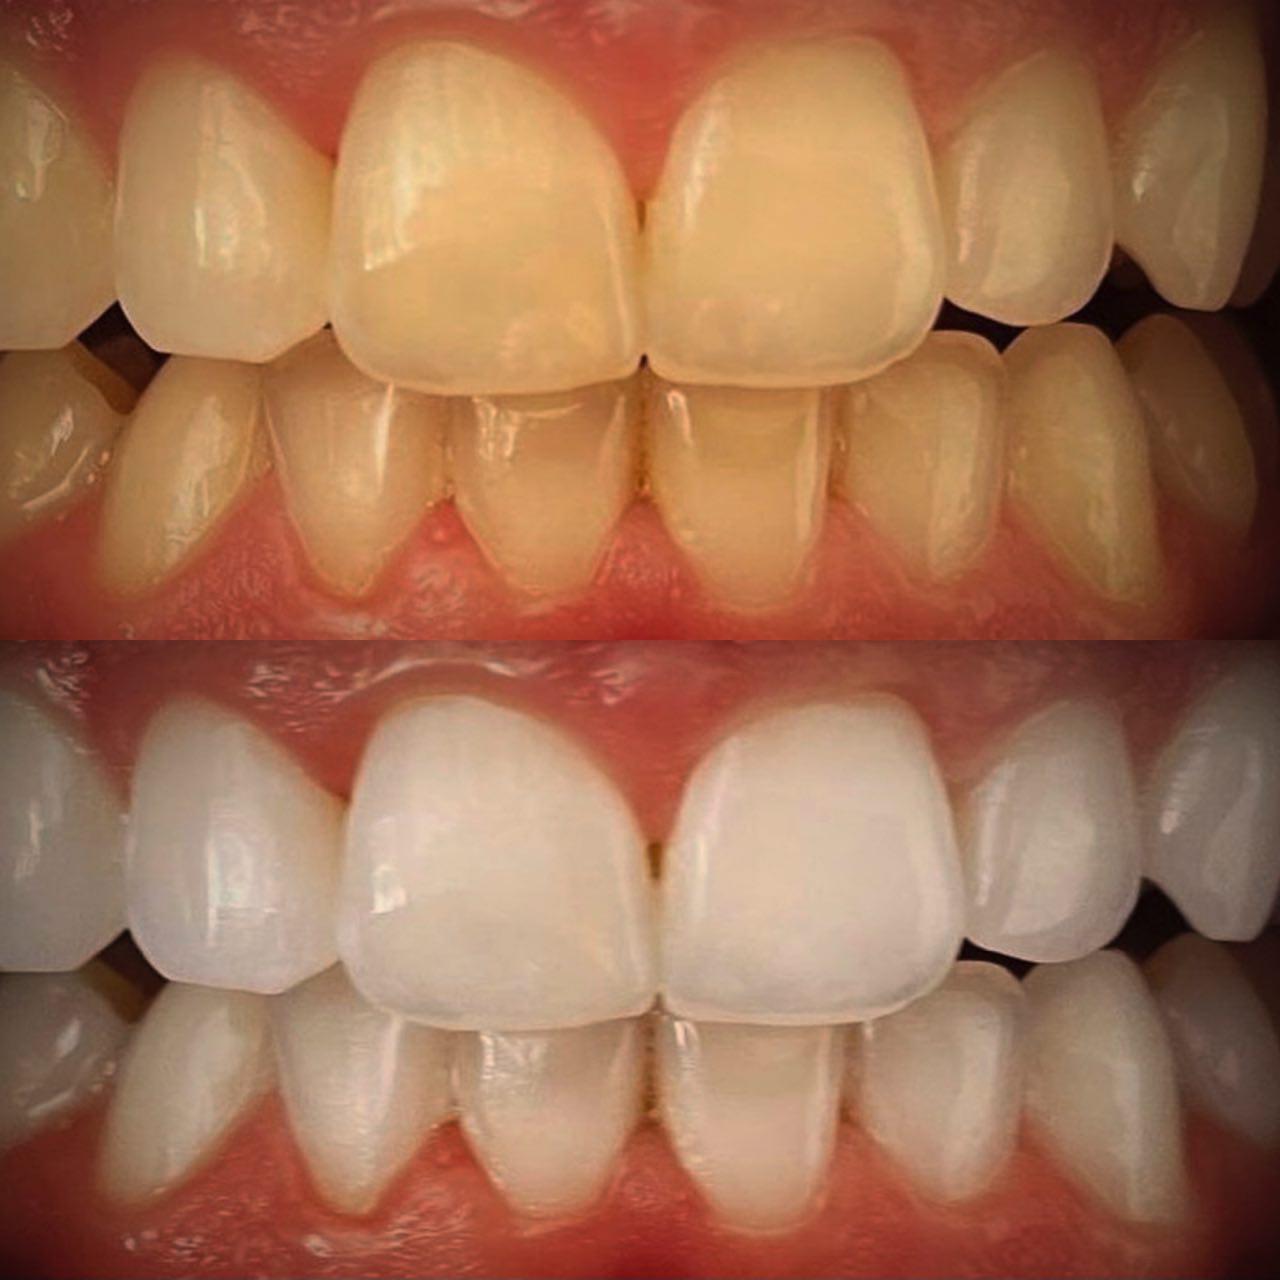 IMG 7ABFBE254A46 2 - Відбілювання зубів